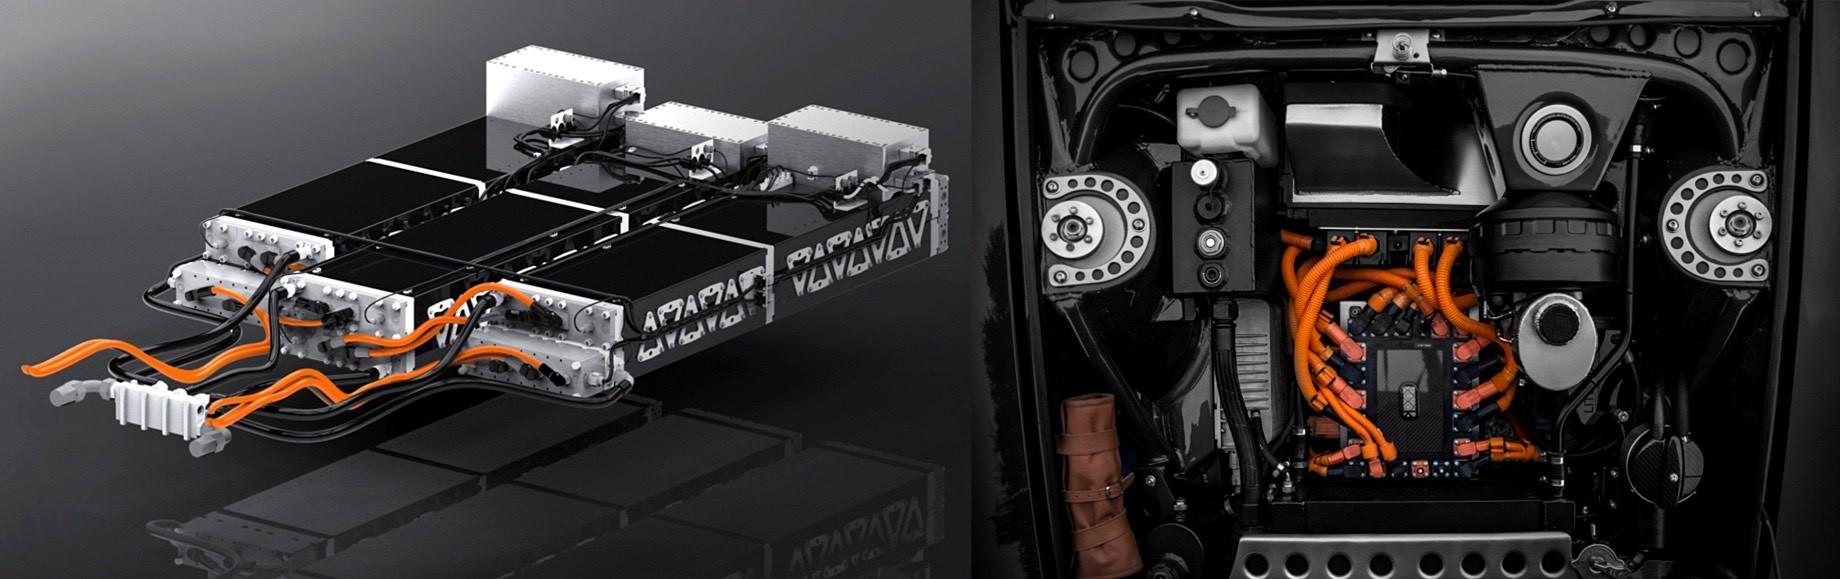 Електрокар Totem GT Electric за € 430 000, підготовлений до виробництва